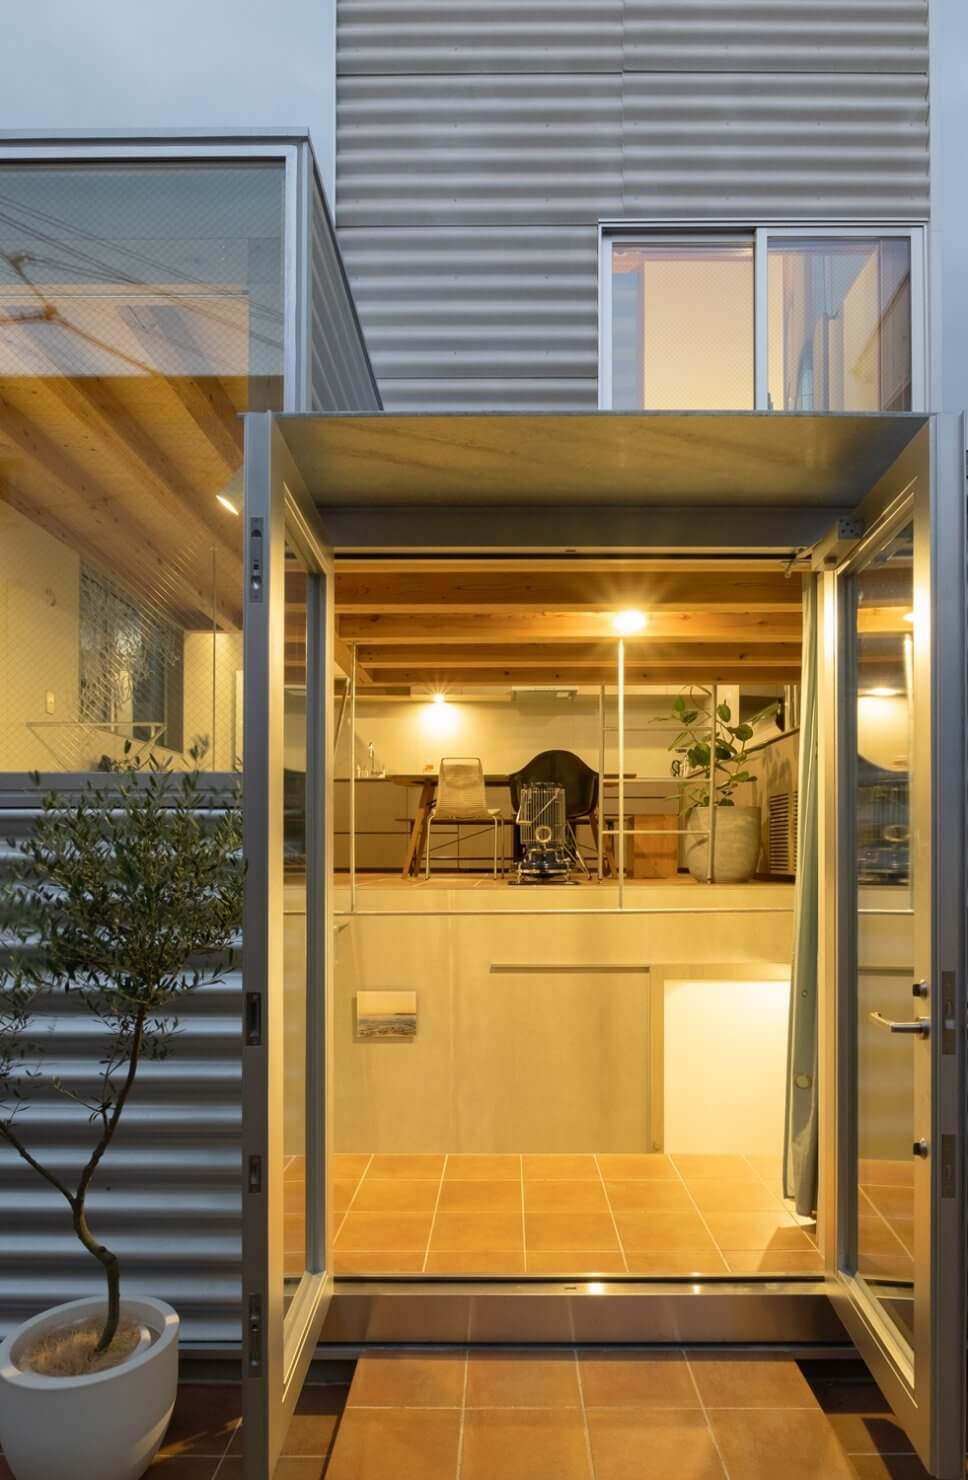 Tiny House mit Wellblech-Fassade und großformatigen Fenstern in Tokio